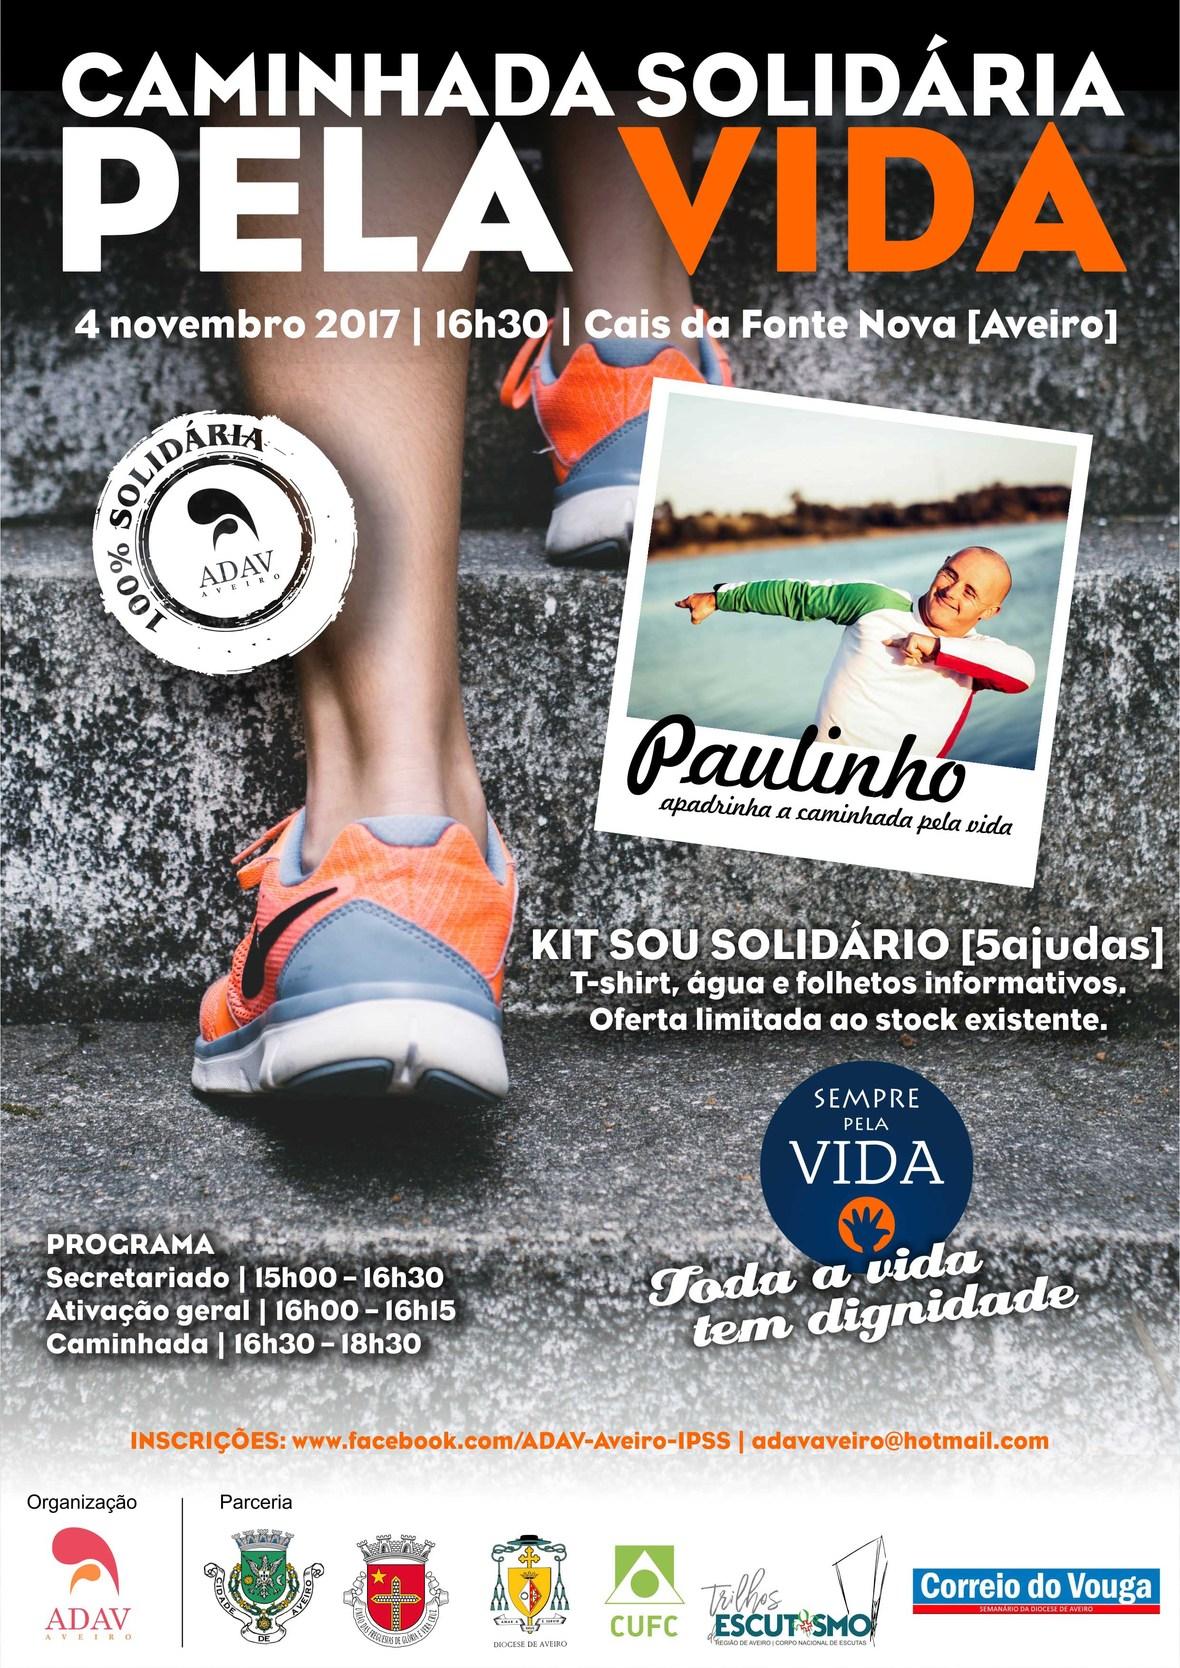 CaminhadaPelaVida2017